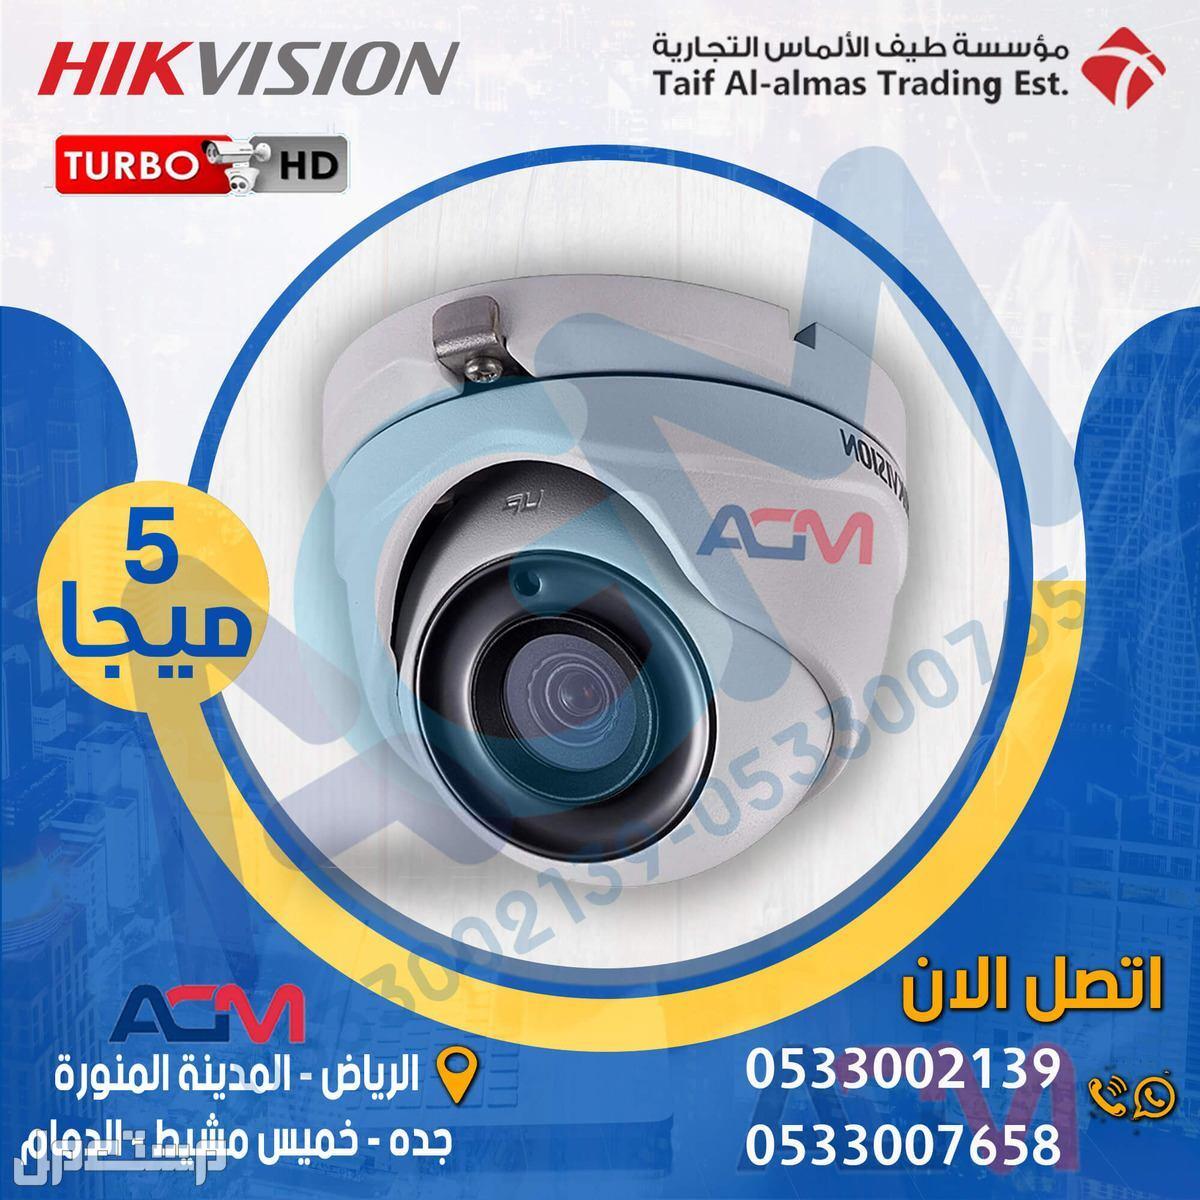 عرض لفترة محدودة 16 كاميرا مراقبة 5 ميجا هيك فيجين full HD